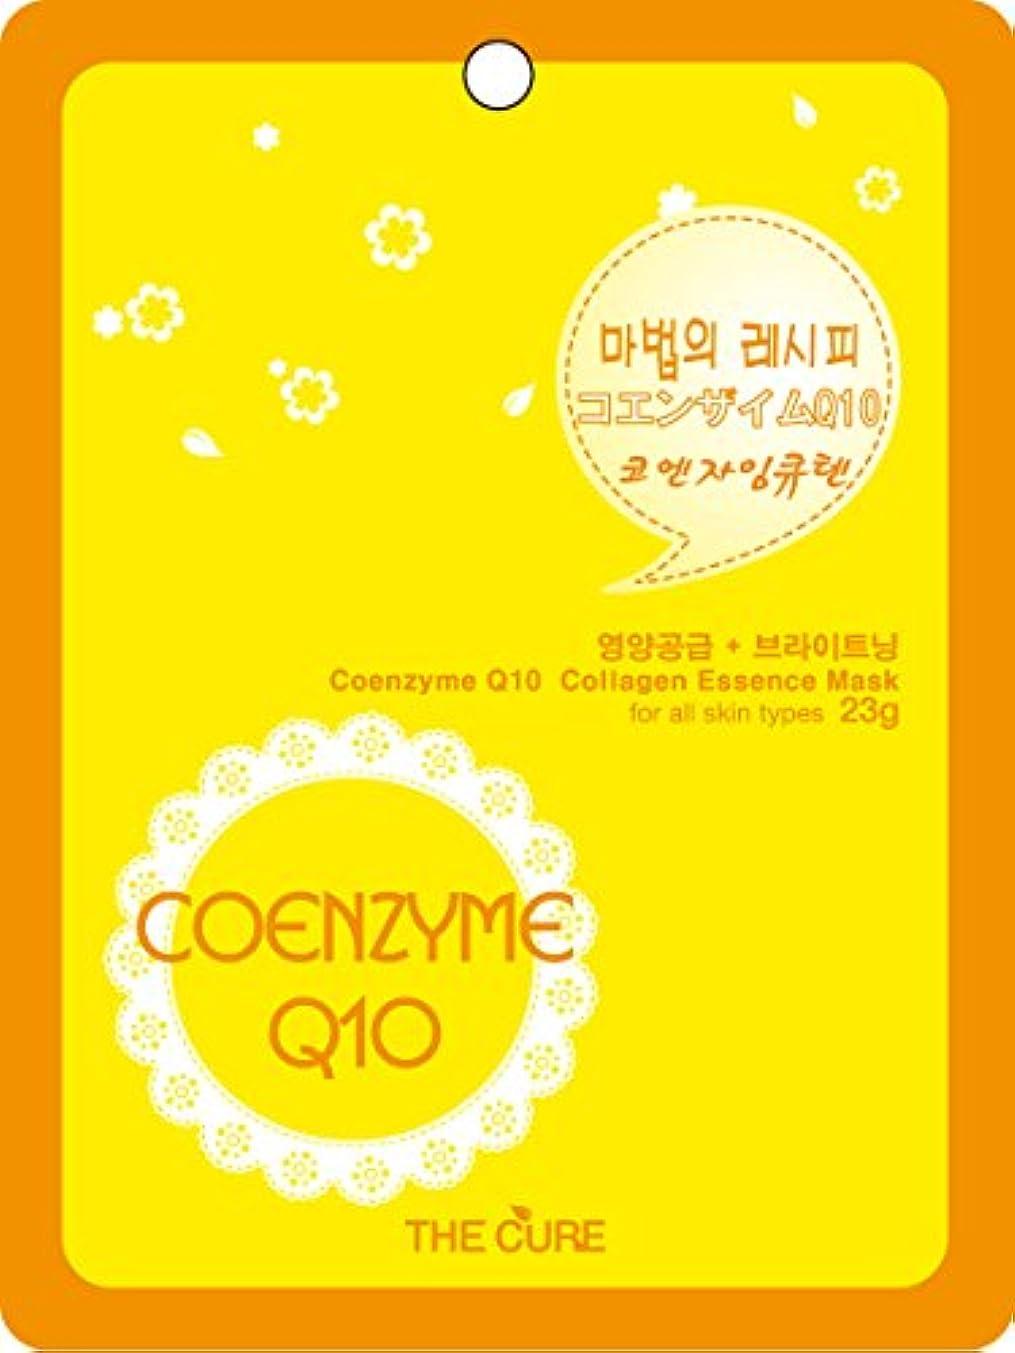 社交的毎回排除コエンザイムQ10 コラーゲン エッセンス マスク THE CURE シート パック 100枚セット 韓国 コスメ 乾燥肌 オイリー肌 混合肌